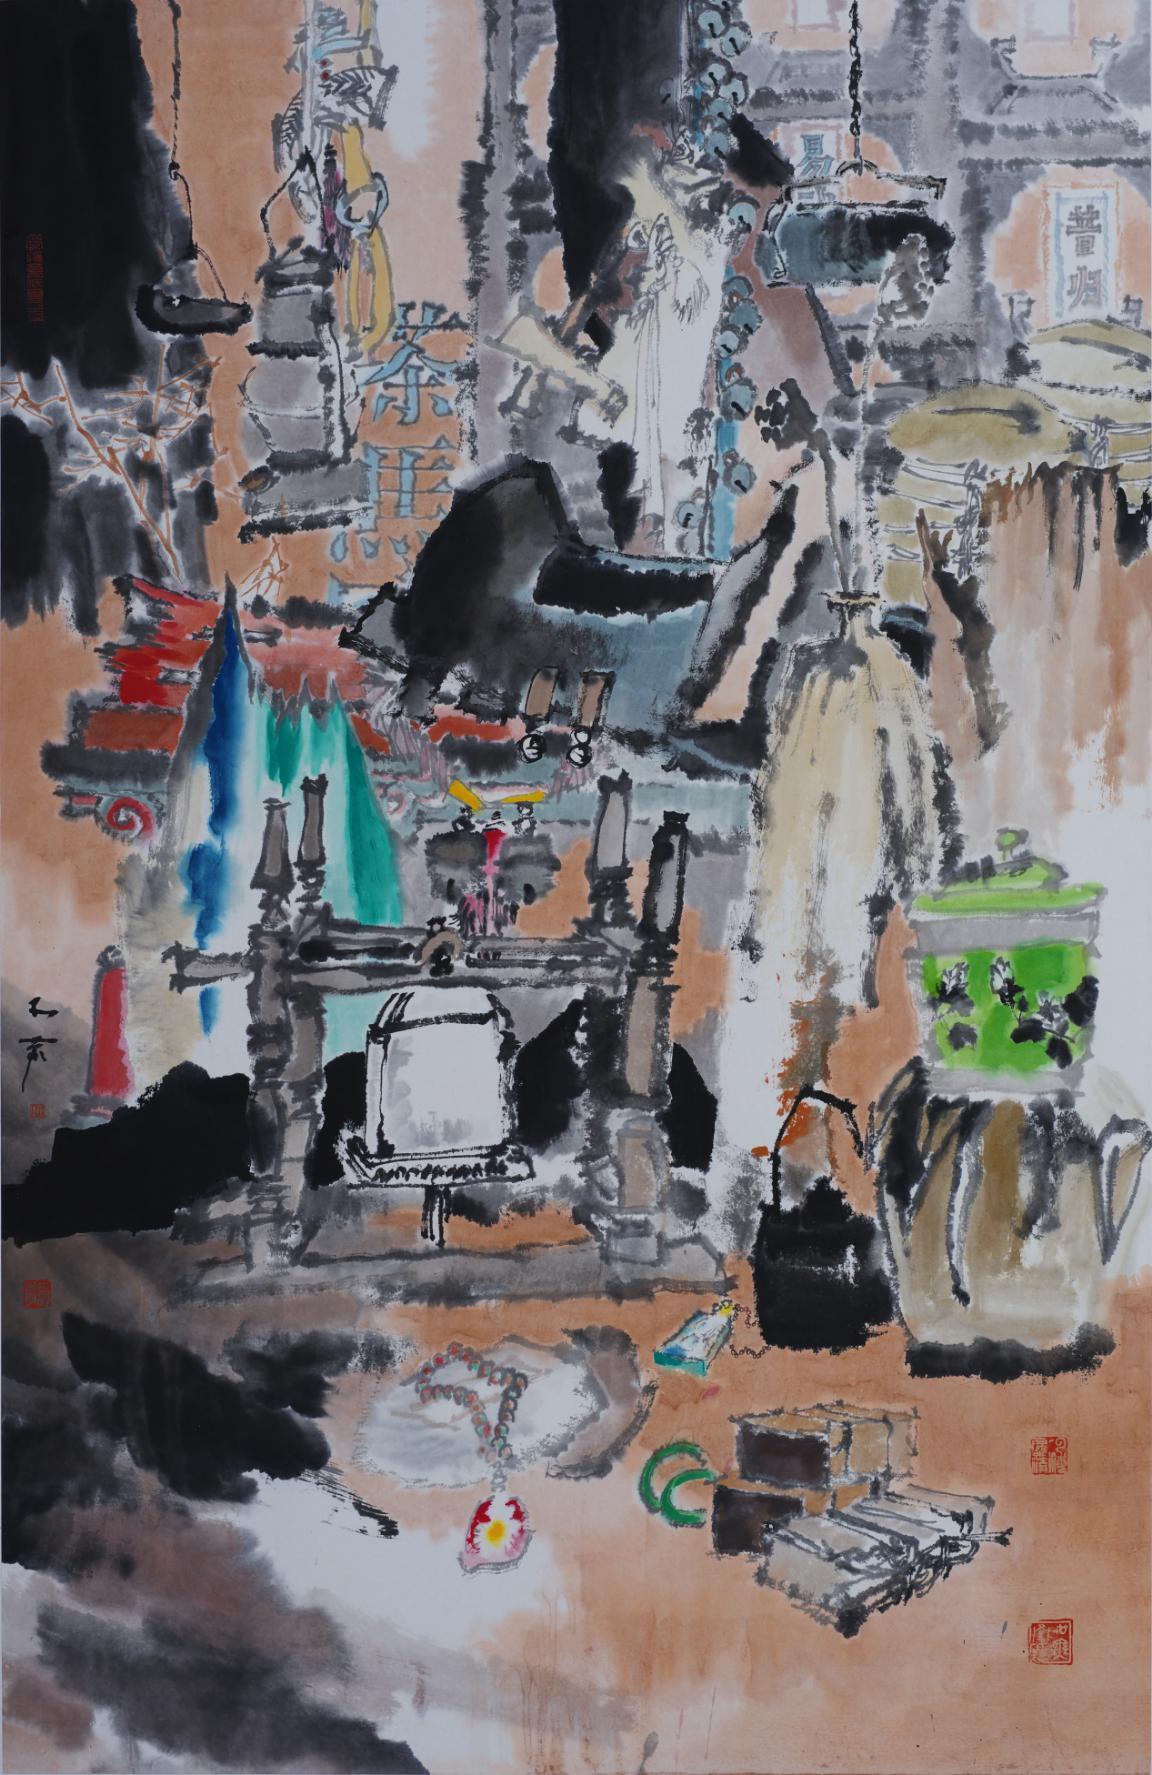 西徂二十载 携画回贵州 ——陈航中国画作品展在贵州美术院开幕